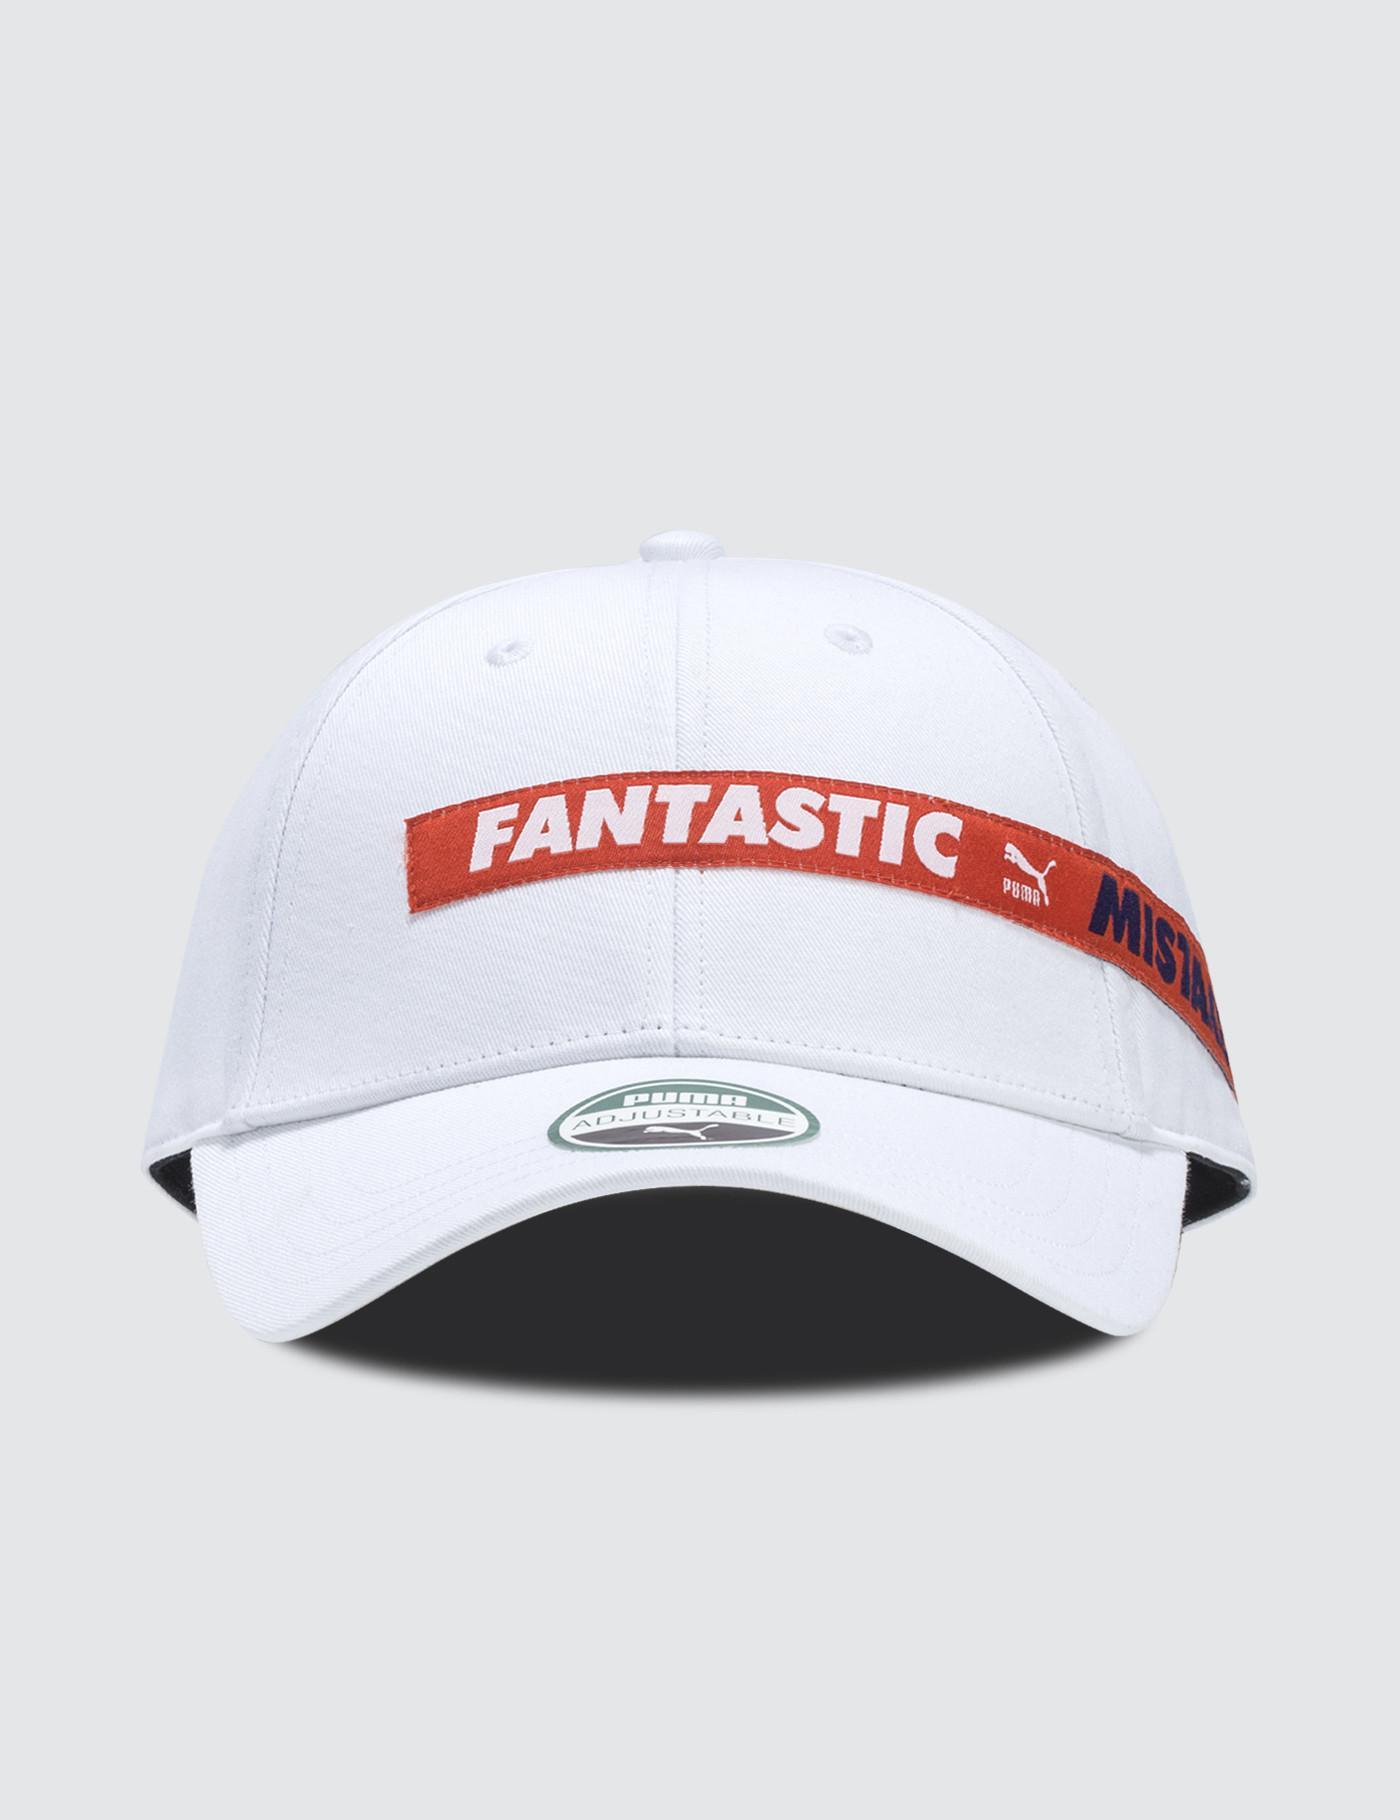 fca818f7c75 Puma Ader Error X Cap in White for Men - Lyst